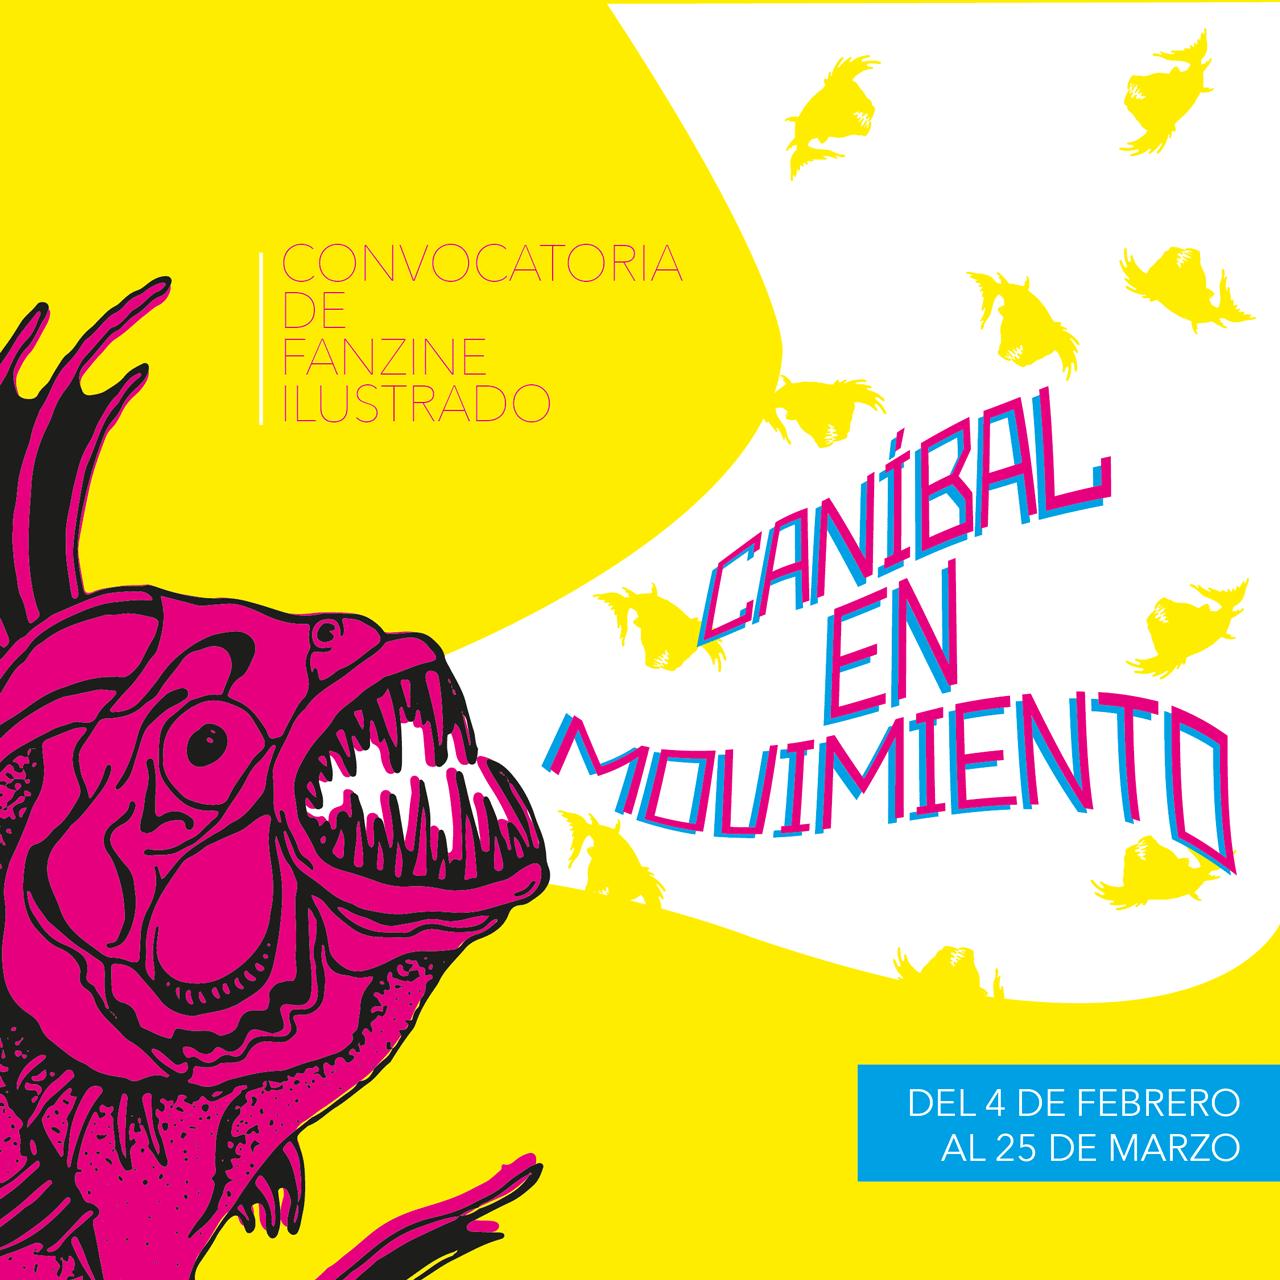 canibal-en-movimiento-1.jpg